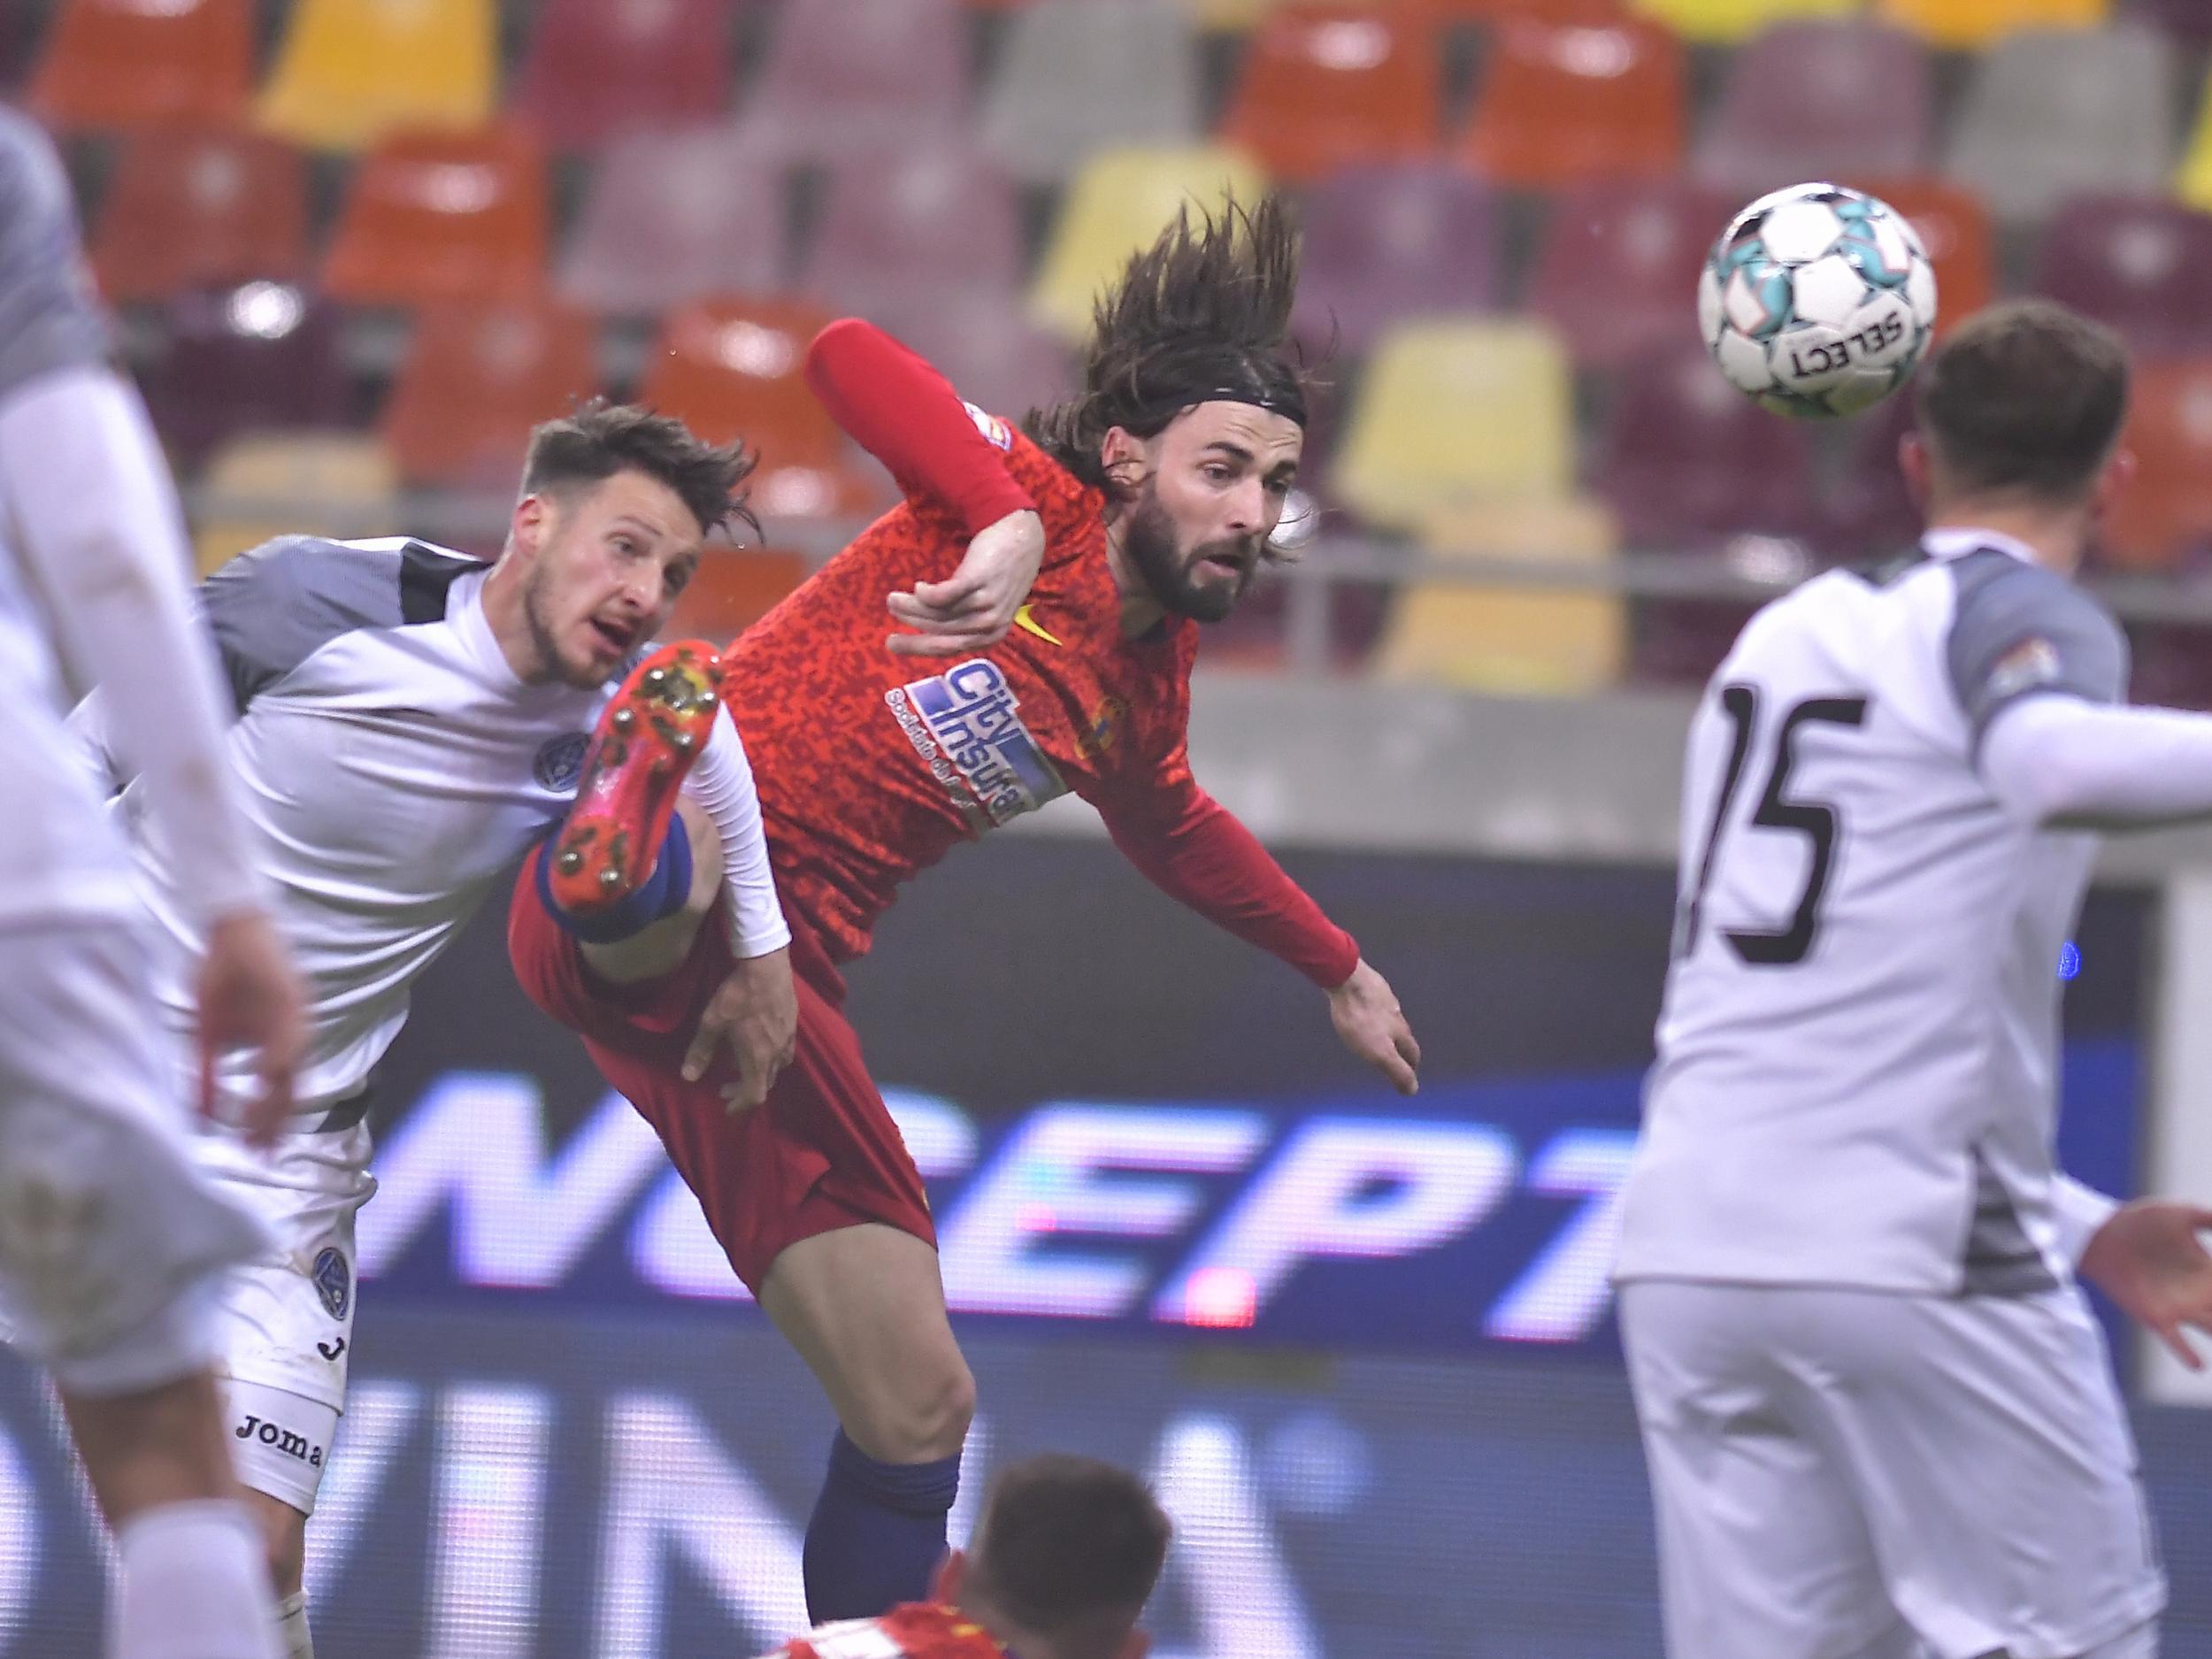 FCSB - ACADEMICA CLINCENI 0-1